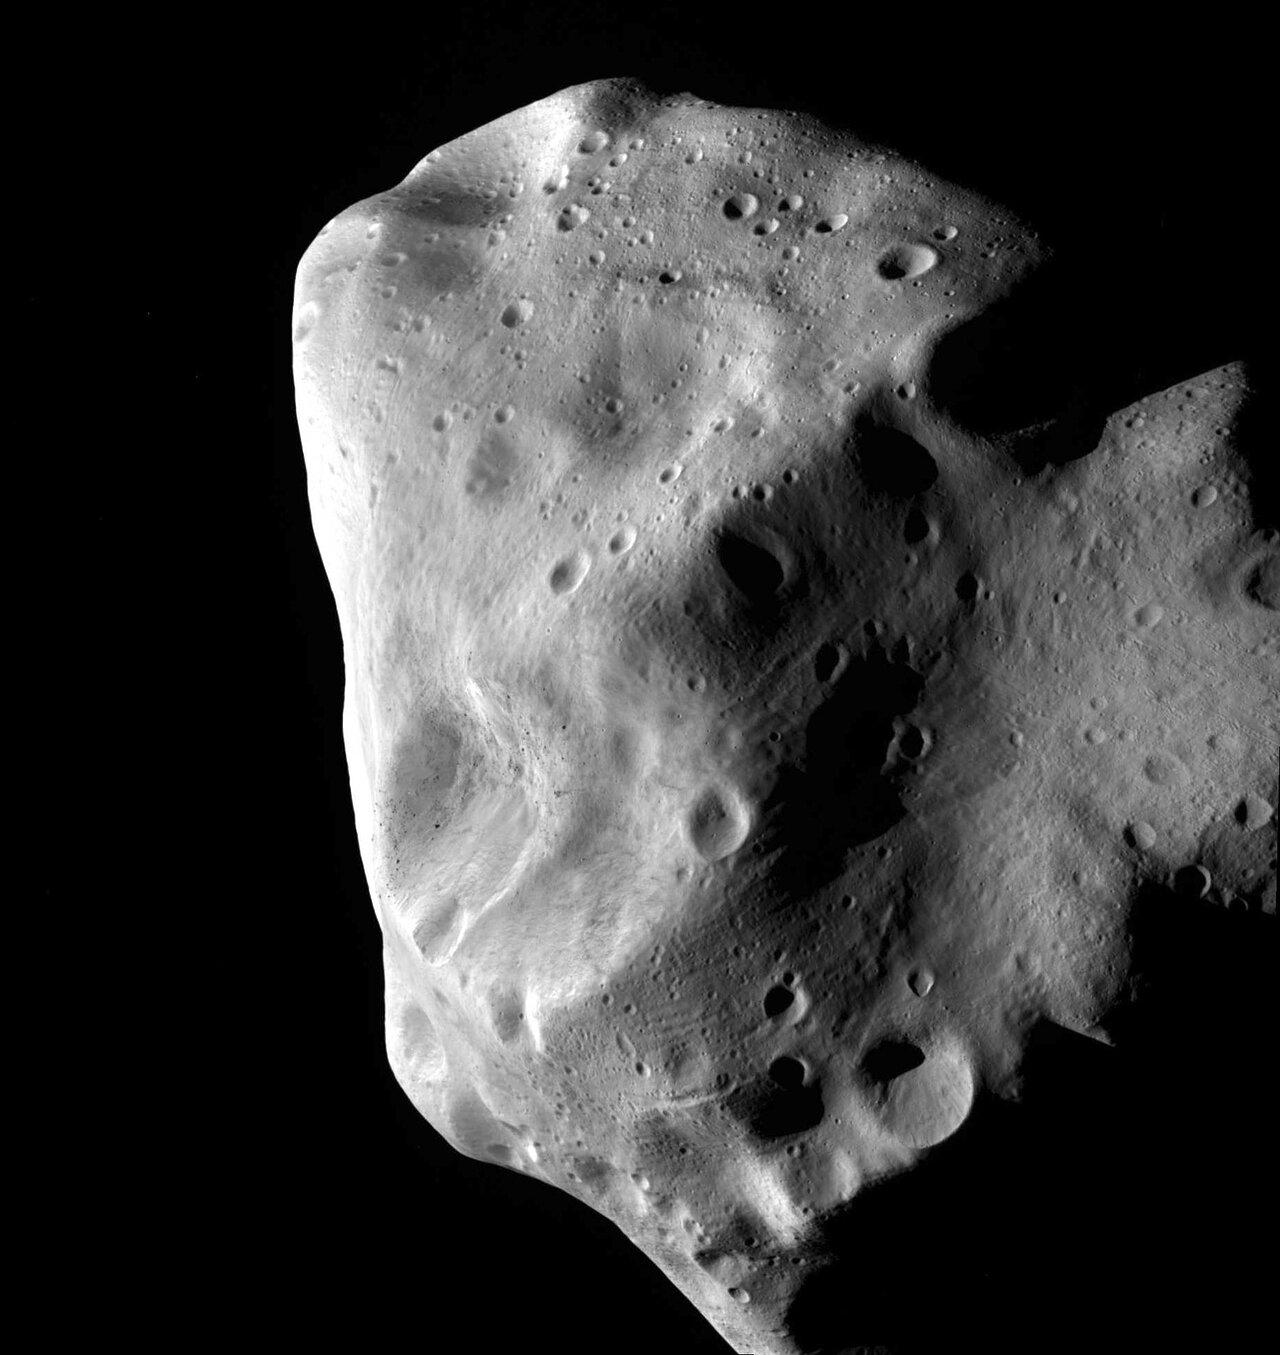 Una imagen del extraño asteroide Lutetia tomada por la sonda Rosetta de ESA